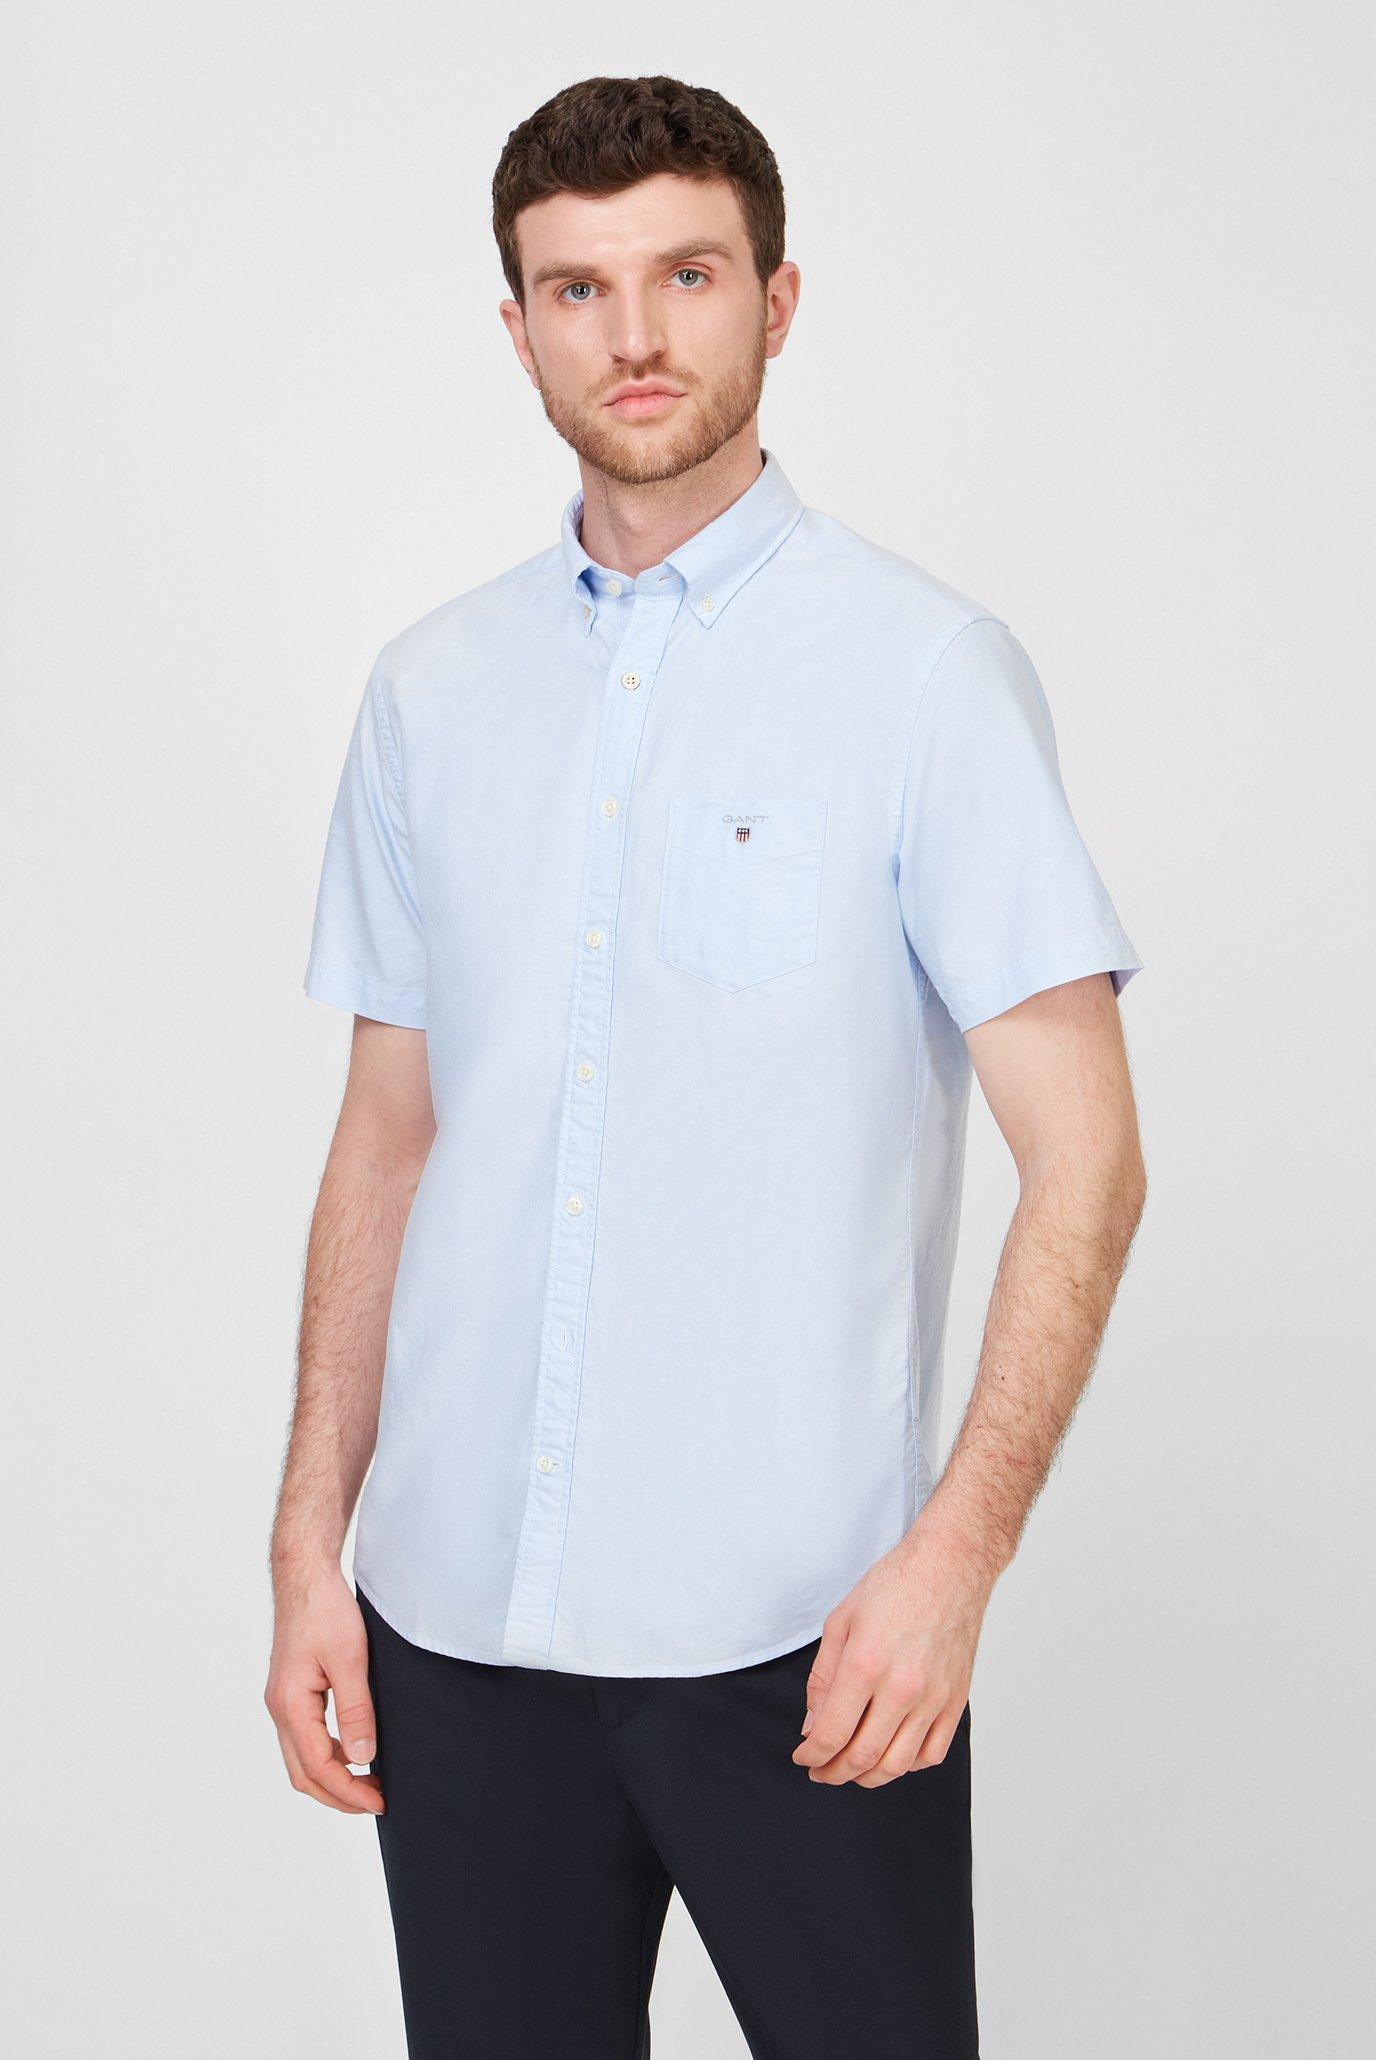 Мужская голубая рубашка REG OXFORD 1